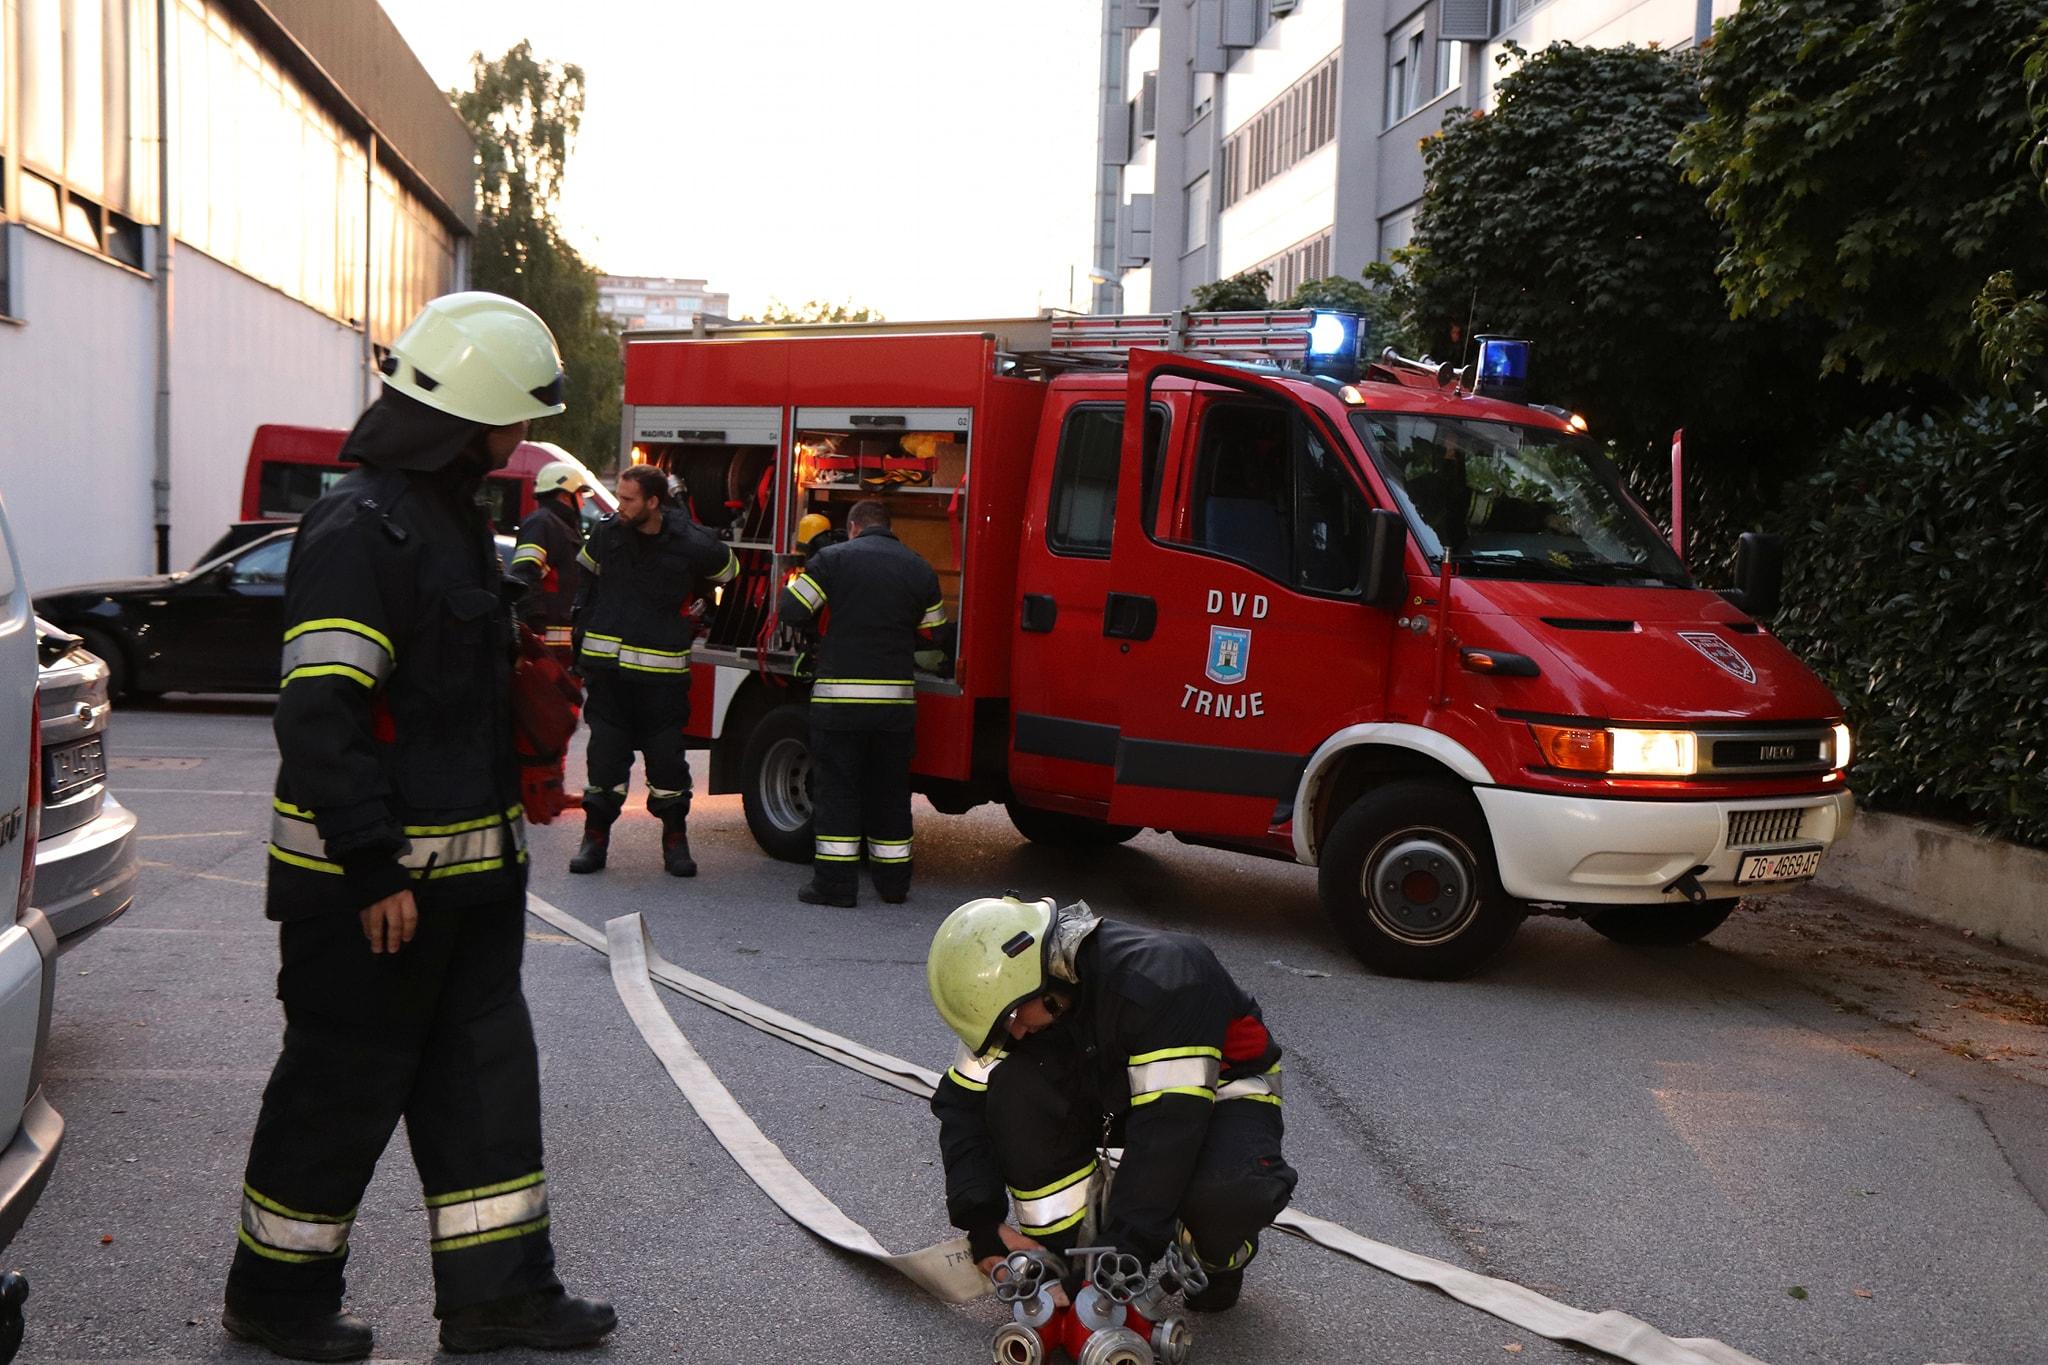 Tema: Taktički nastupi vatrogasnih postrojbi/formacije